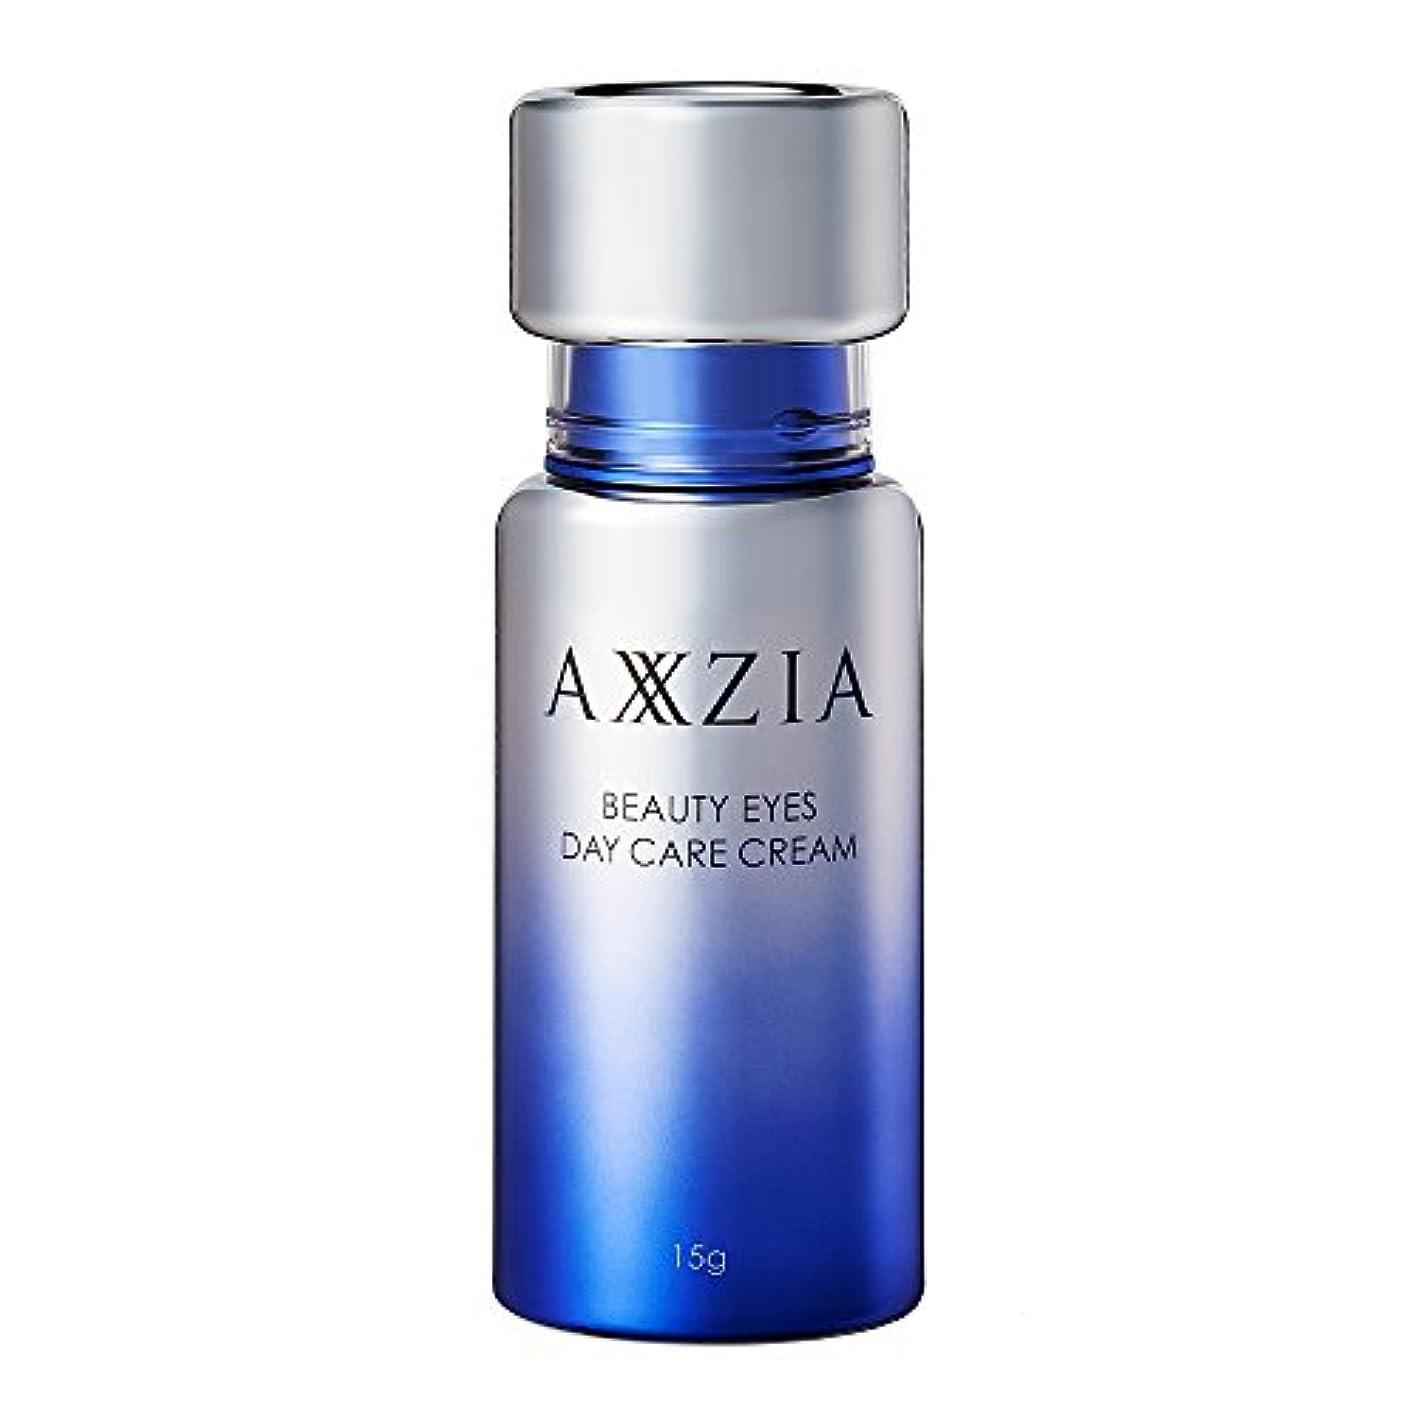 フェロー諸島海上水分アクシージア (AXXZIA) ビューティアイズ デイ ケア クリーム 15g | アイクリーム 目の下のたるみ 化粧品 解消 目元のたるみ